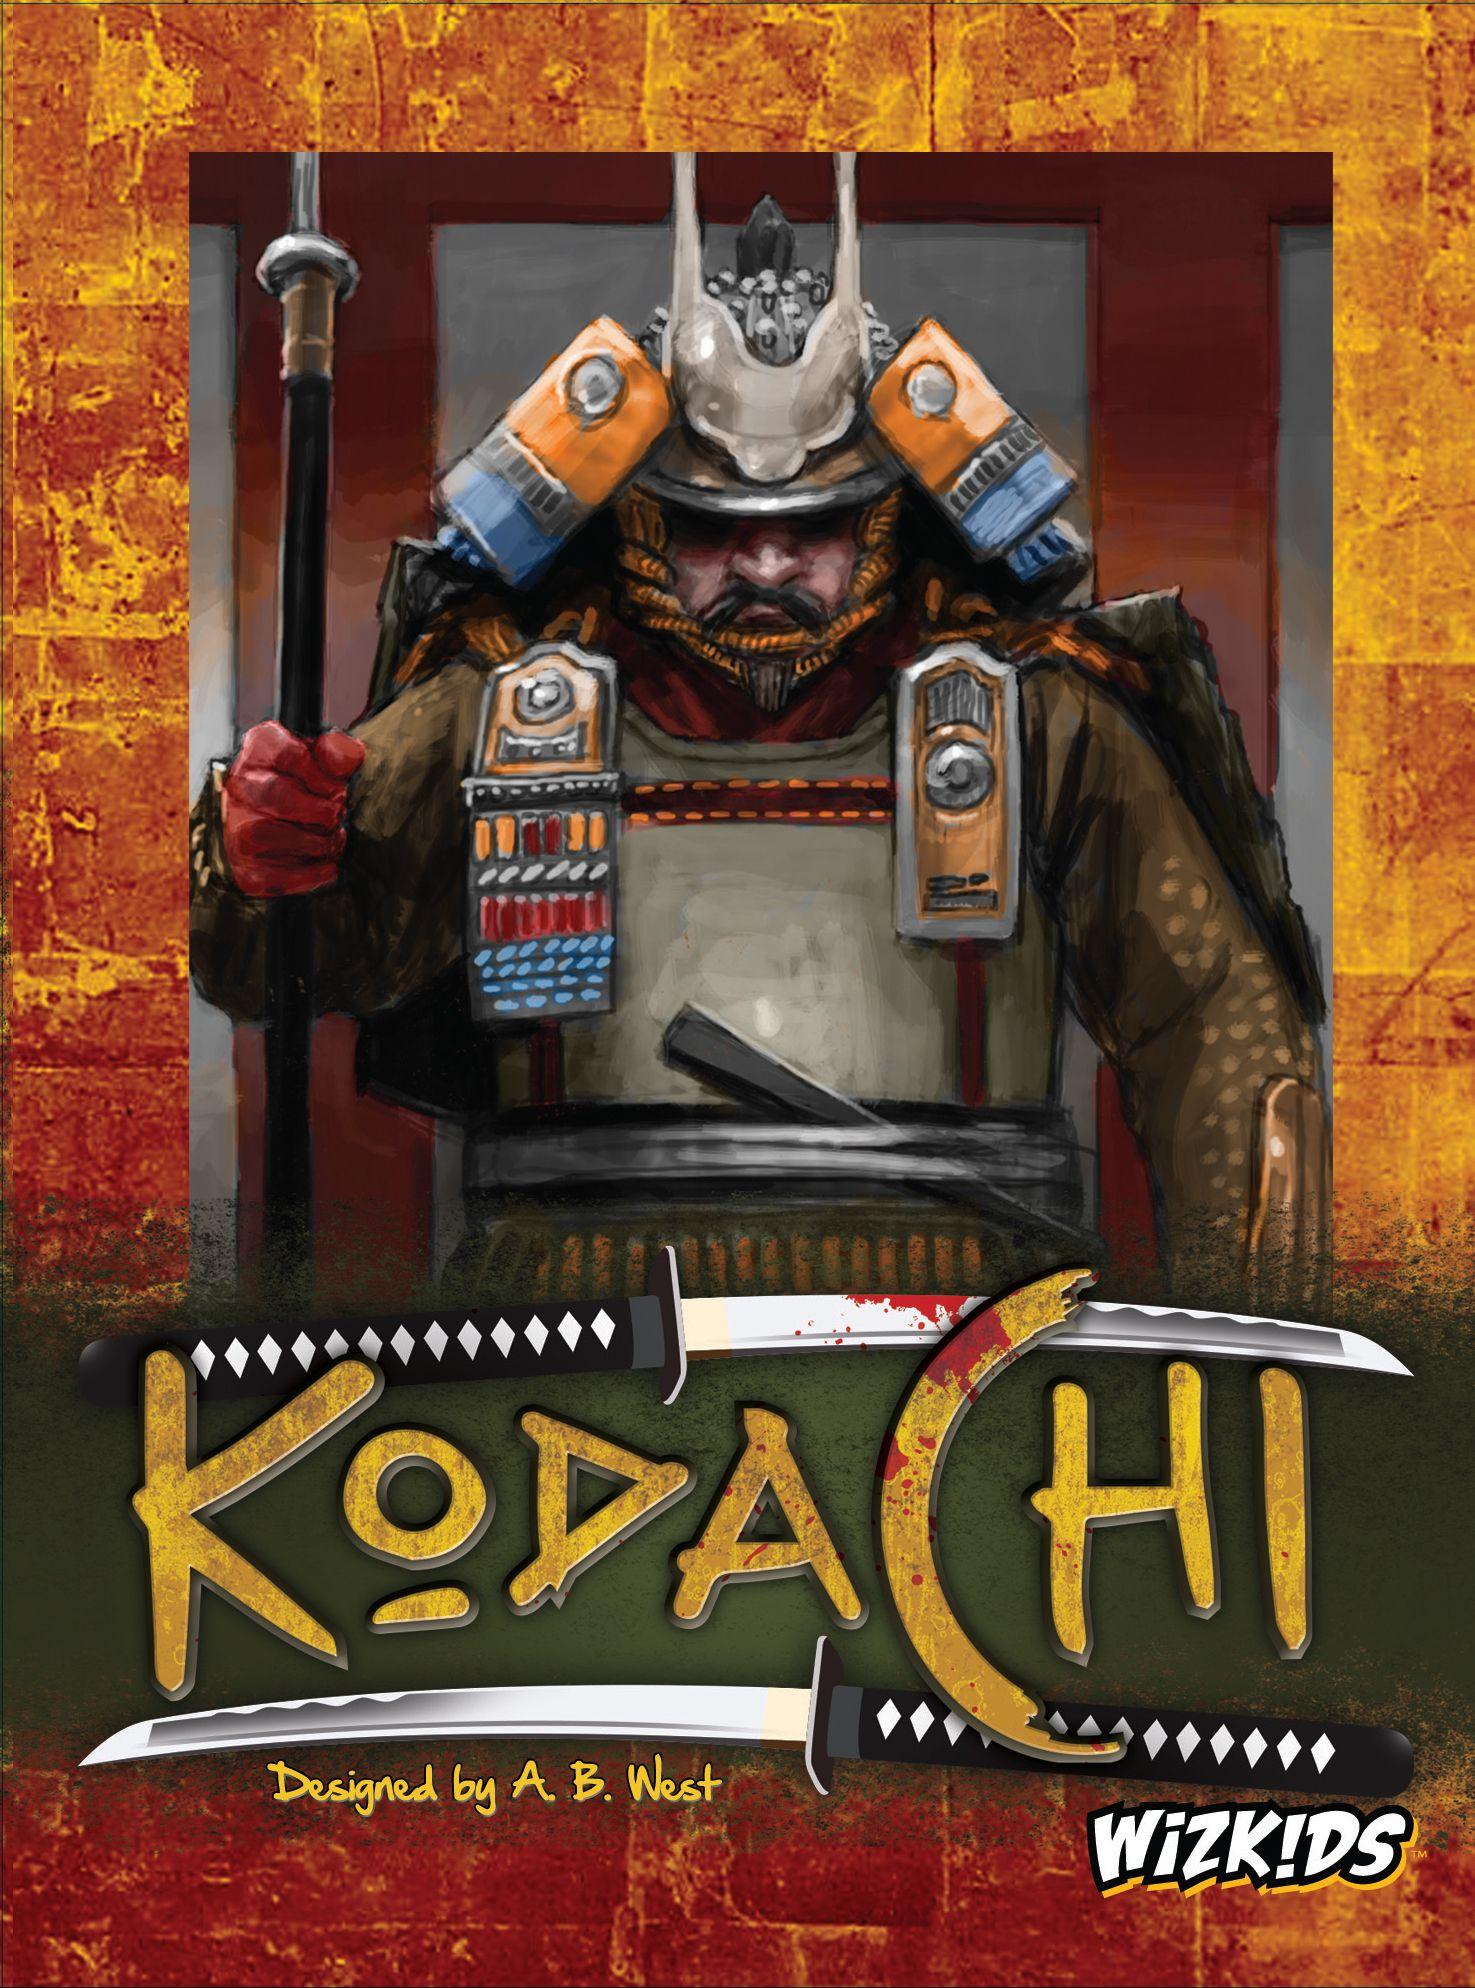 Kodachi